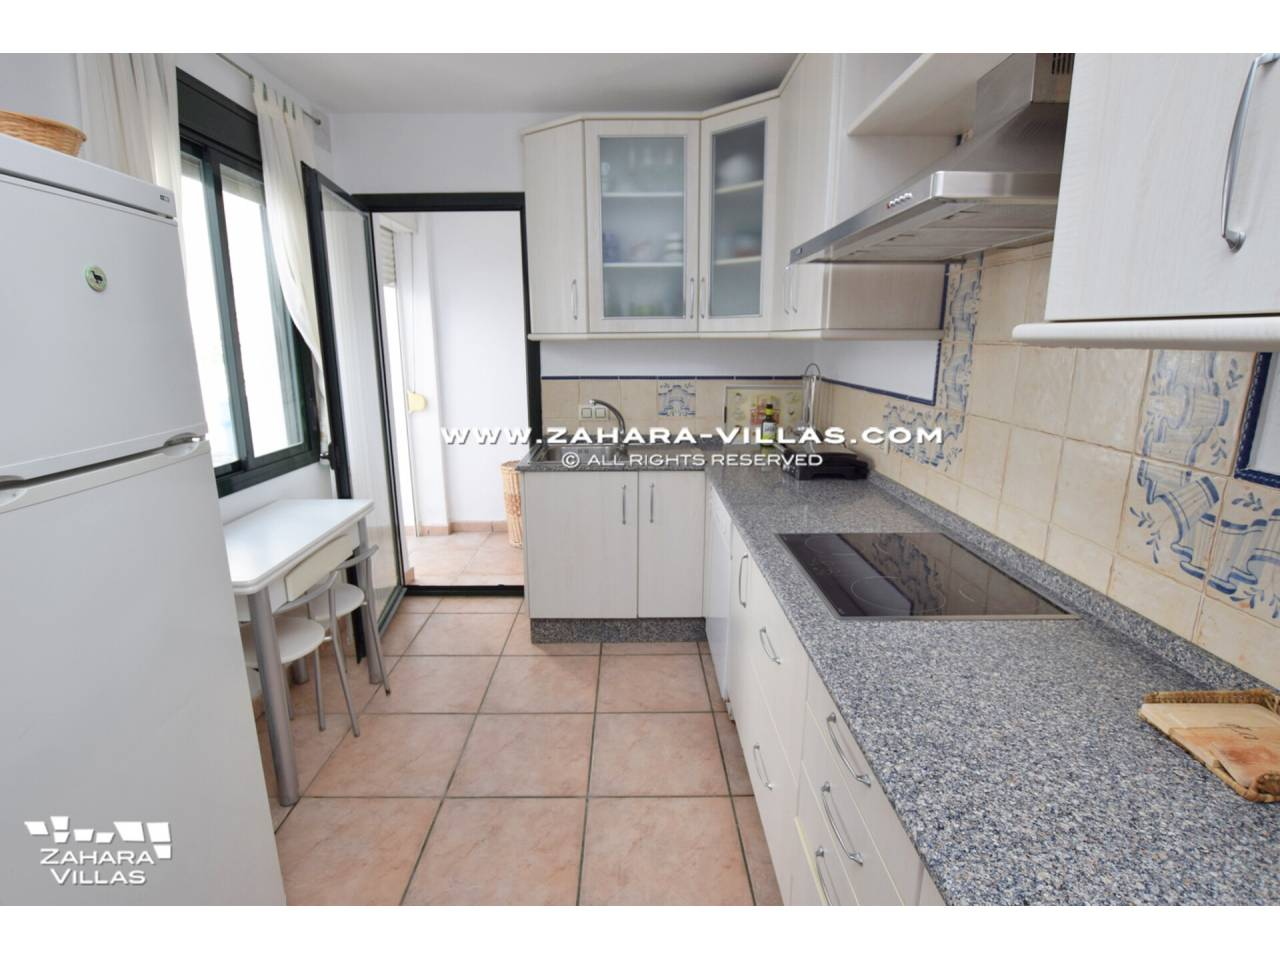 Imagen 35 de Casa Adosada con vistas al mar en venta en Urb. Jardines de Zahara